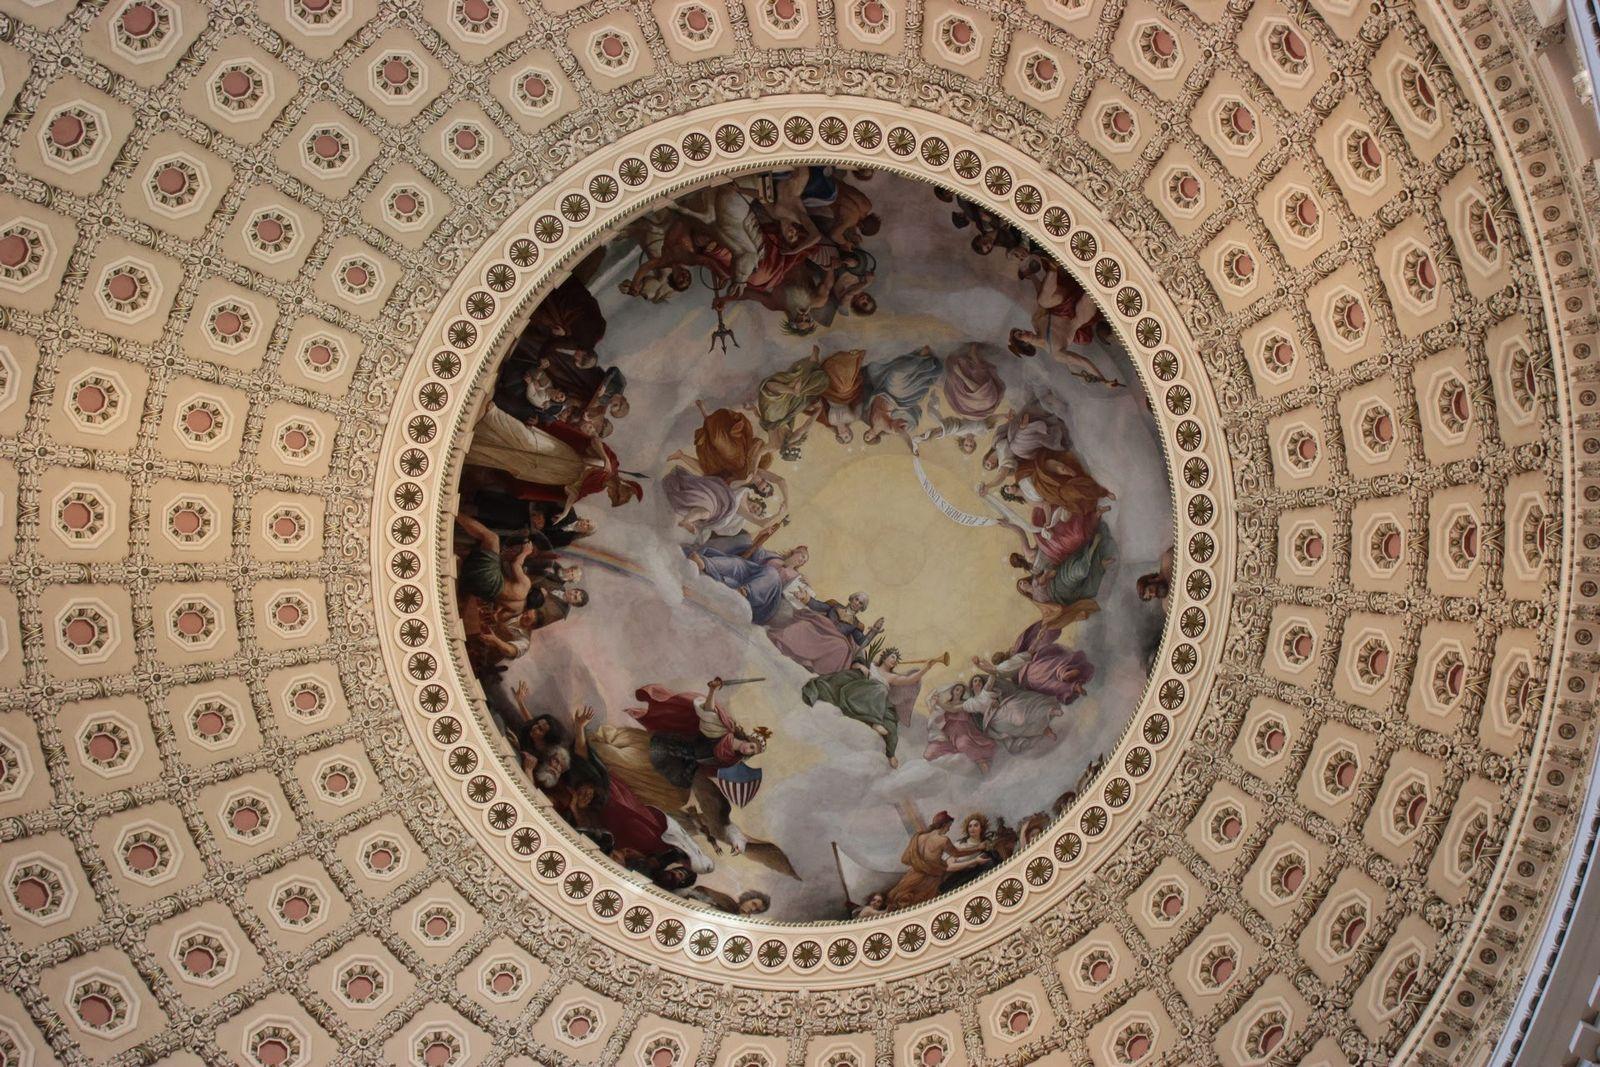 La Apoteosis de Washington, coronando la sala